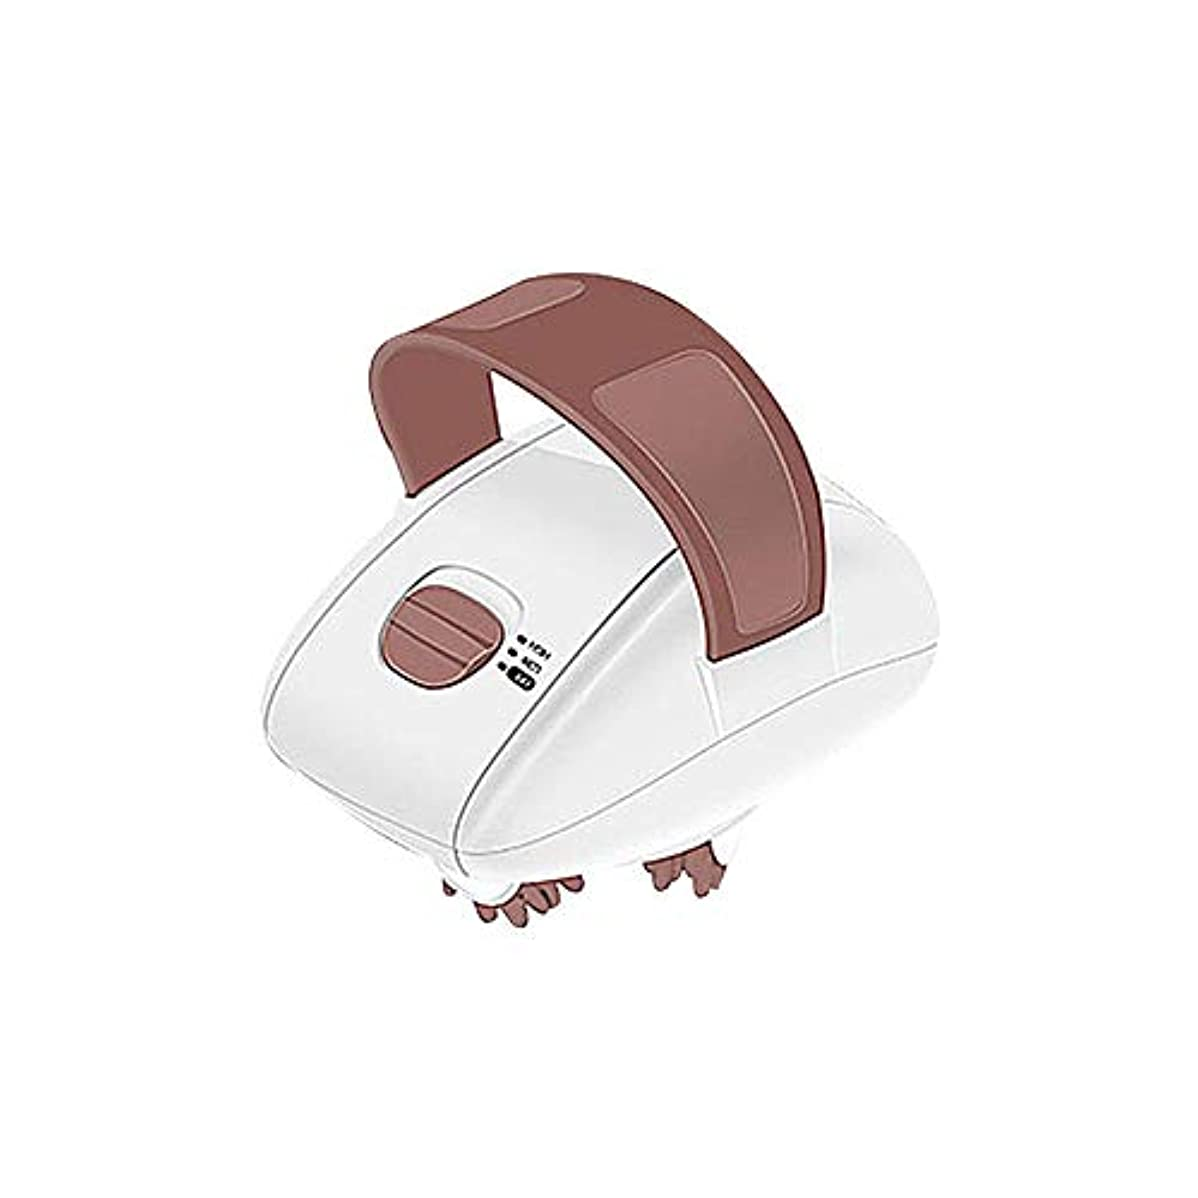 脆い振る舞う予算3D ミニボディスリム 電動ギアミニマッサージャー 多機能 ボディ ハード マッサージローラー 美脚 腕痩せ 疲れ解消 全身にマッサージ ダイエット 電動ローラー ミニ脂肪マッサージ師 2色選べる